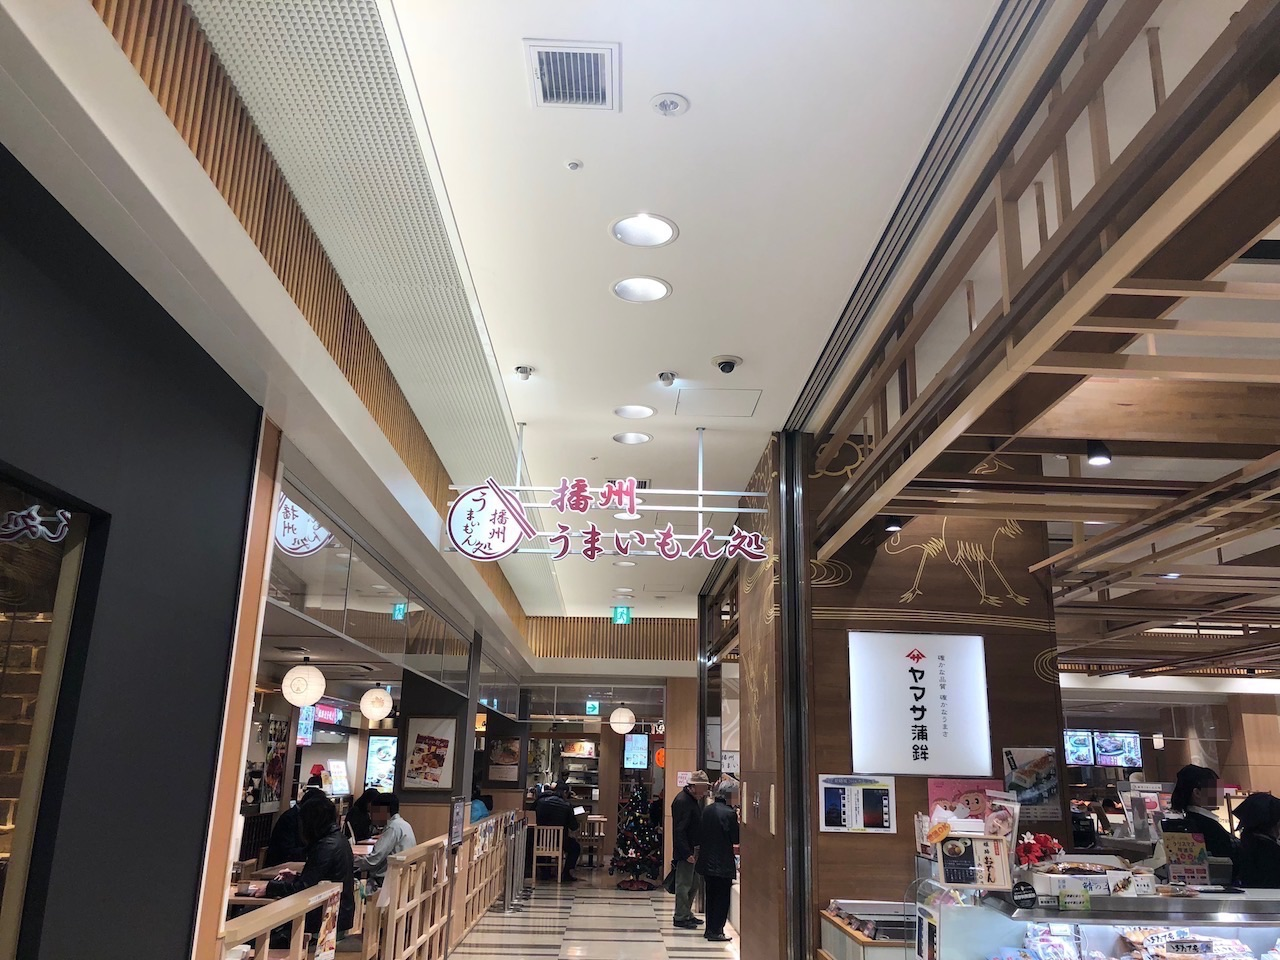 姫路駅ピオレのおみやげ館内にある播州うまいもん処「天馬らぁめん」で播州赤穂塩らぁめん食べた!